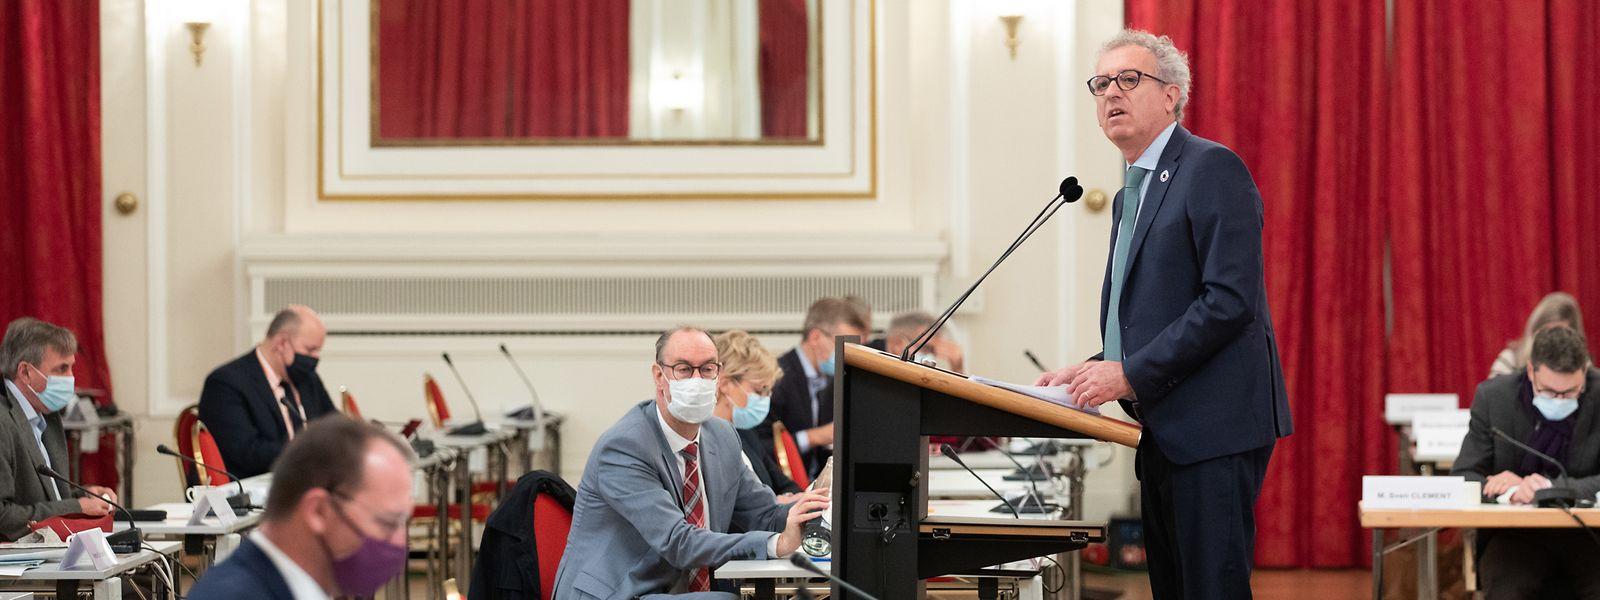 Par rapport à ses prévisions d'octobre dernier, le ministre Gramegna a dû ajouter 191 millions d'euros de nouvelles aides dans la colonne dépenses de son budget.